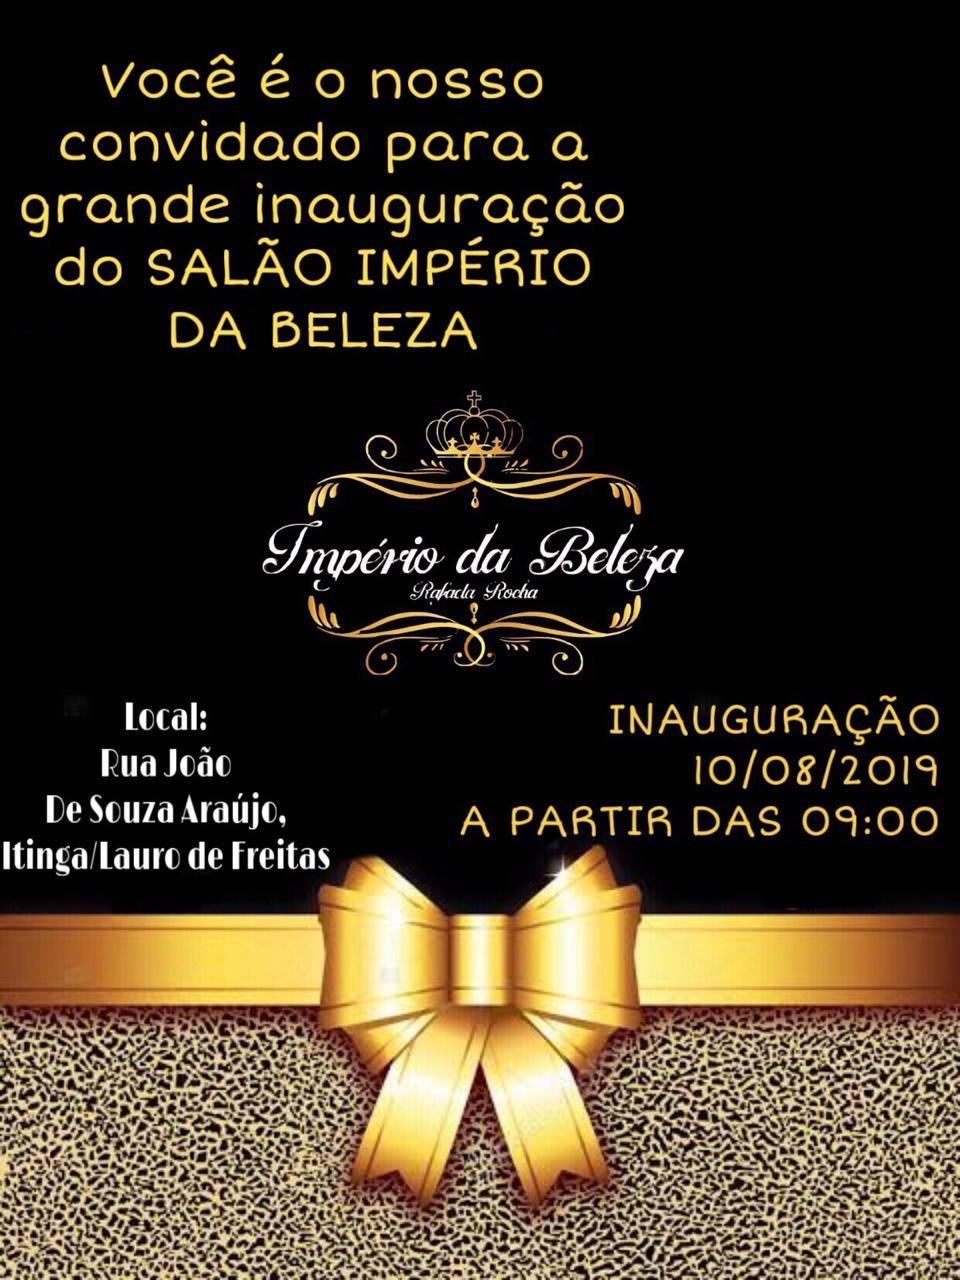 Grande inauguração do Salão Império da Beleza em ITINGA, neste sábado